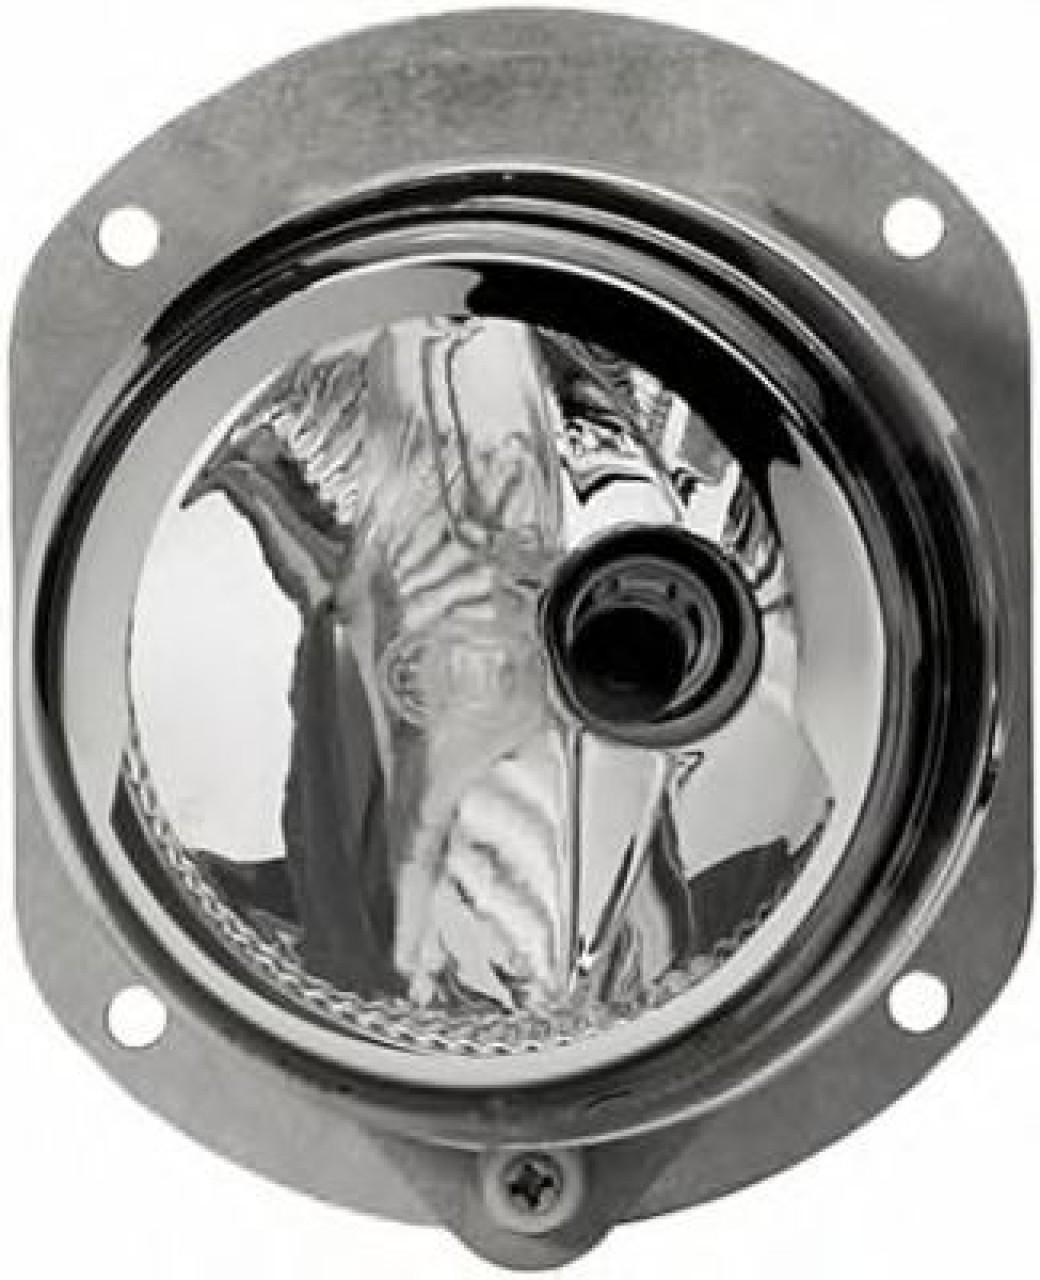 Proiector ceata MERCEDES E-CLASS (W211) (2002 - 2009) HELLA 1N0 009 295-041 produs NOU